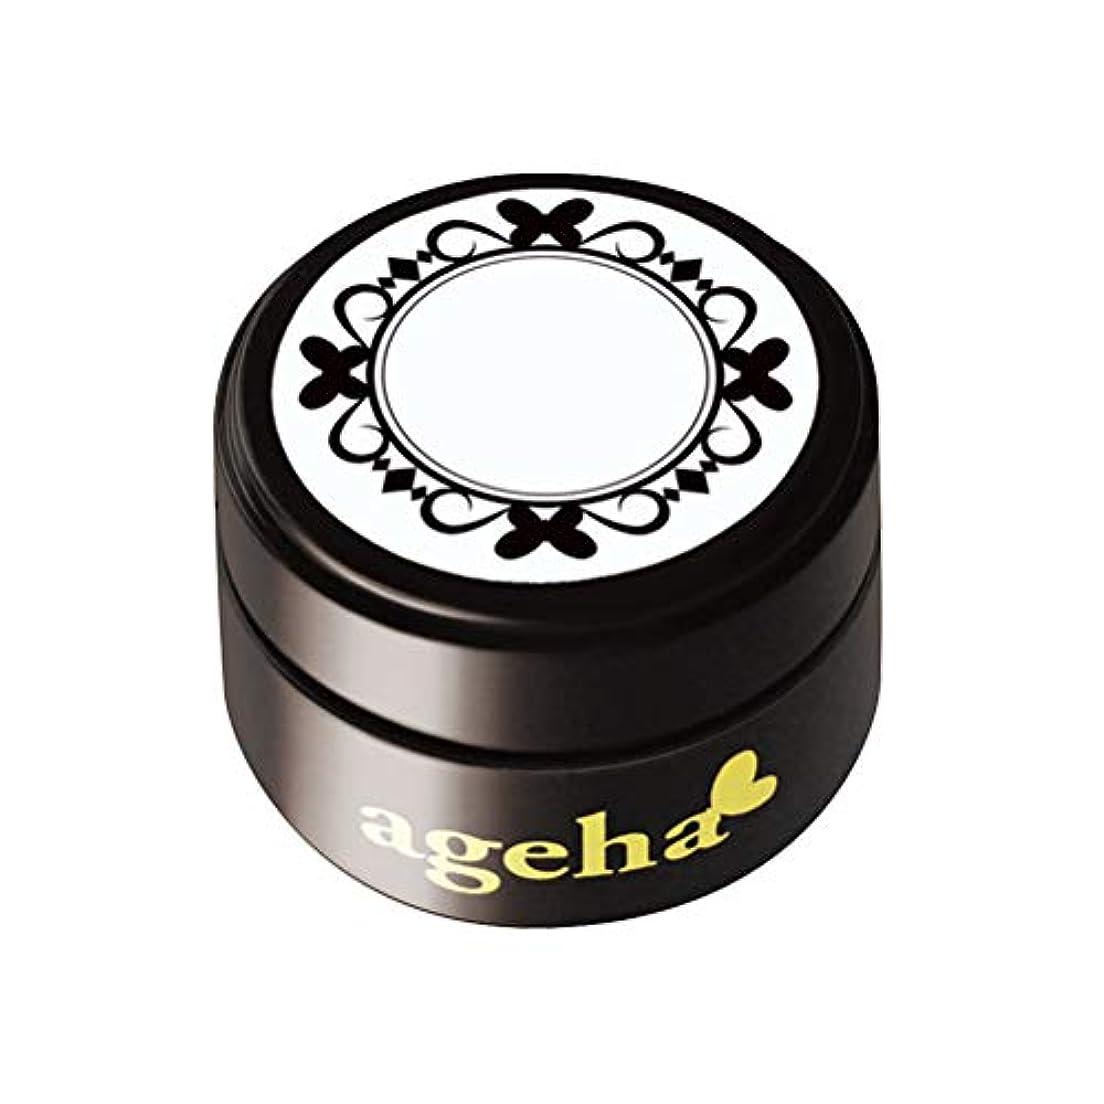 ageha カラージェル コスメカラー 130 モーベット G?MIX シアー?グリッター 2.7g UV/LED対応 ピンク